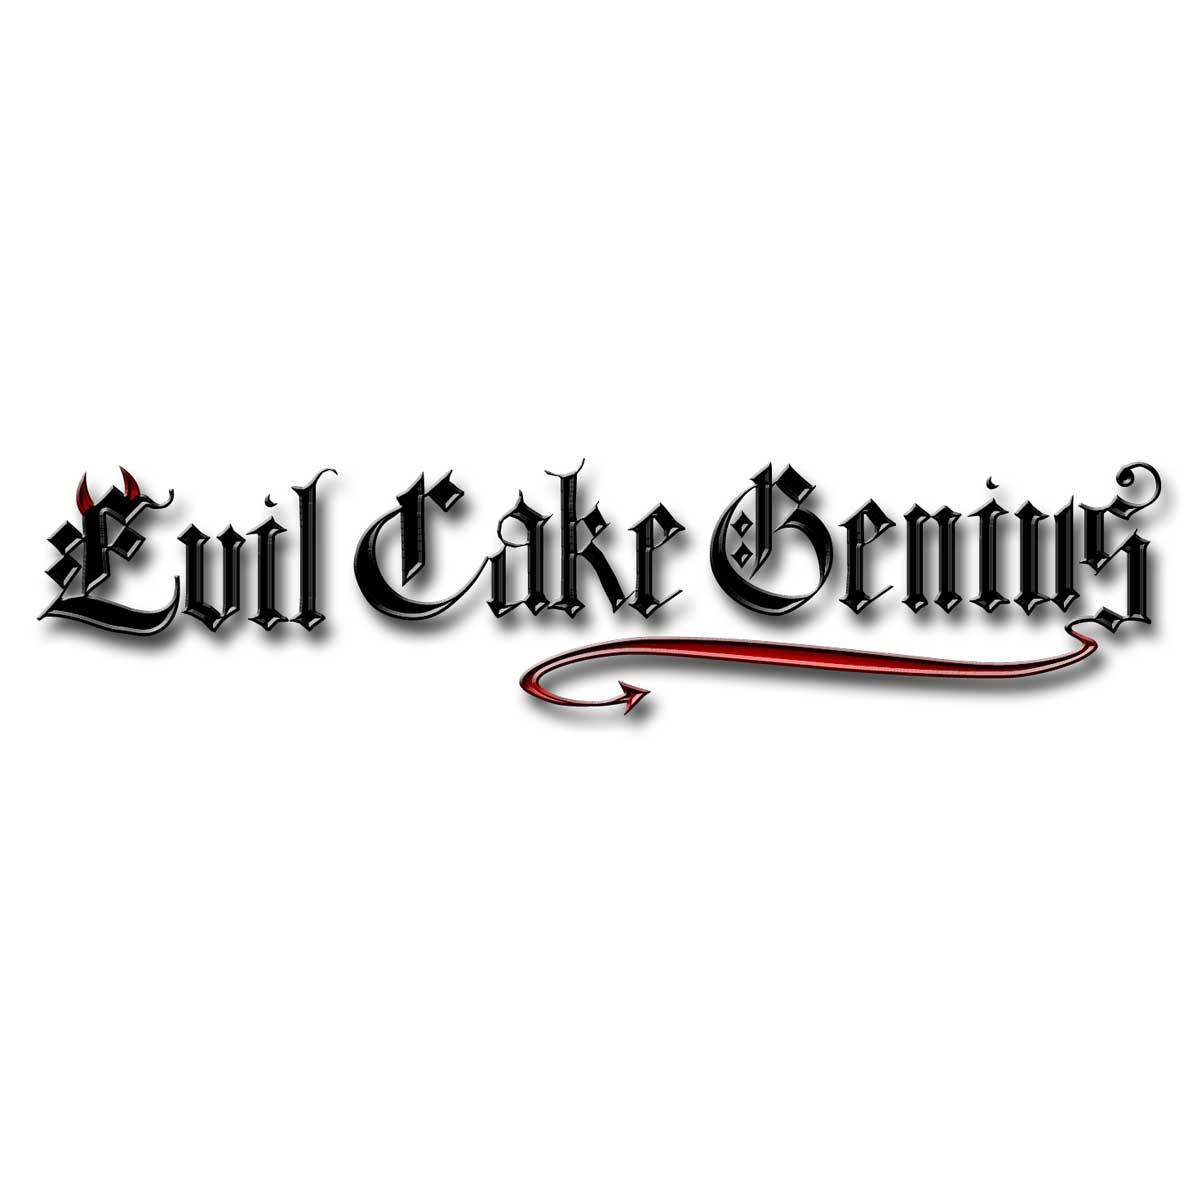 Square Cake Sketching Templates v 2.0